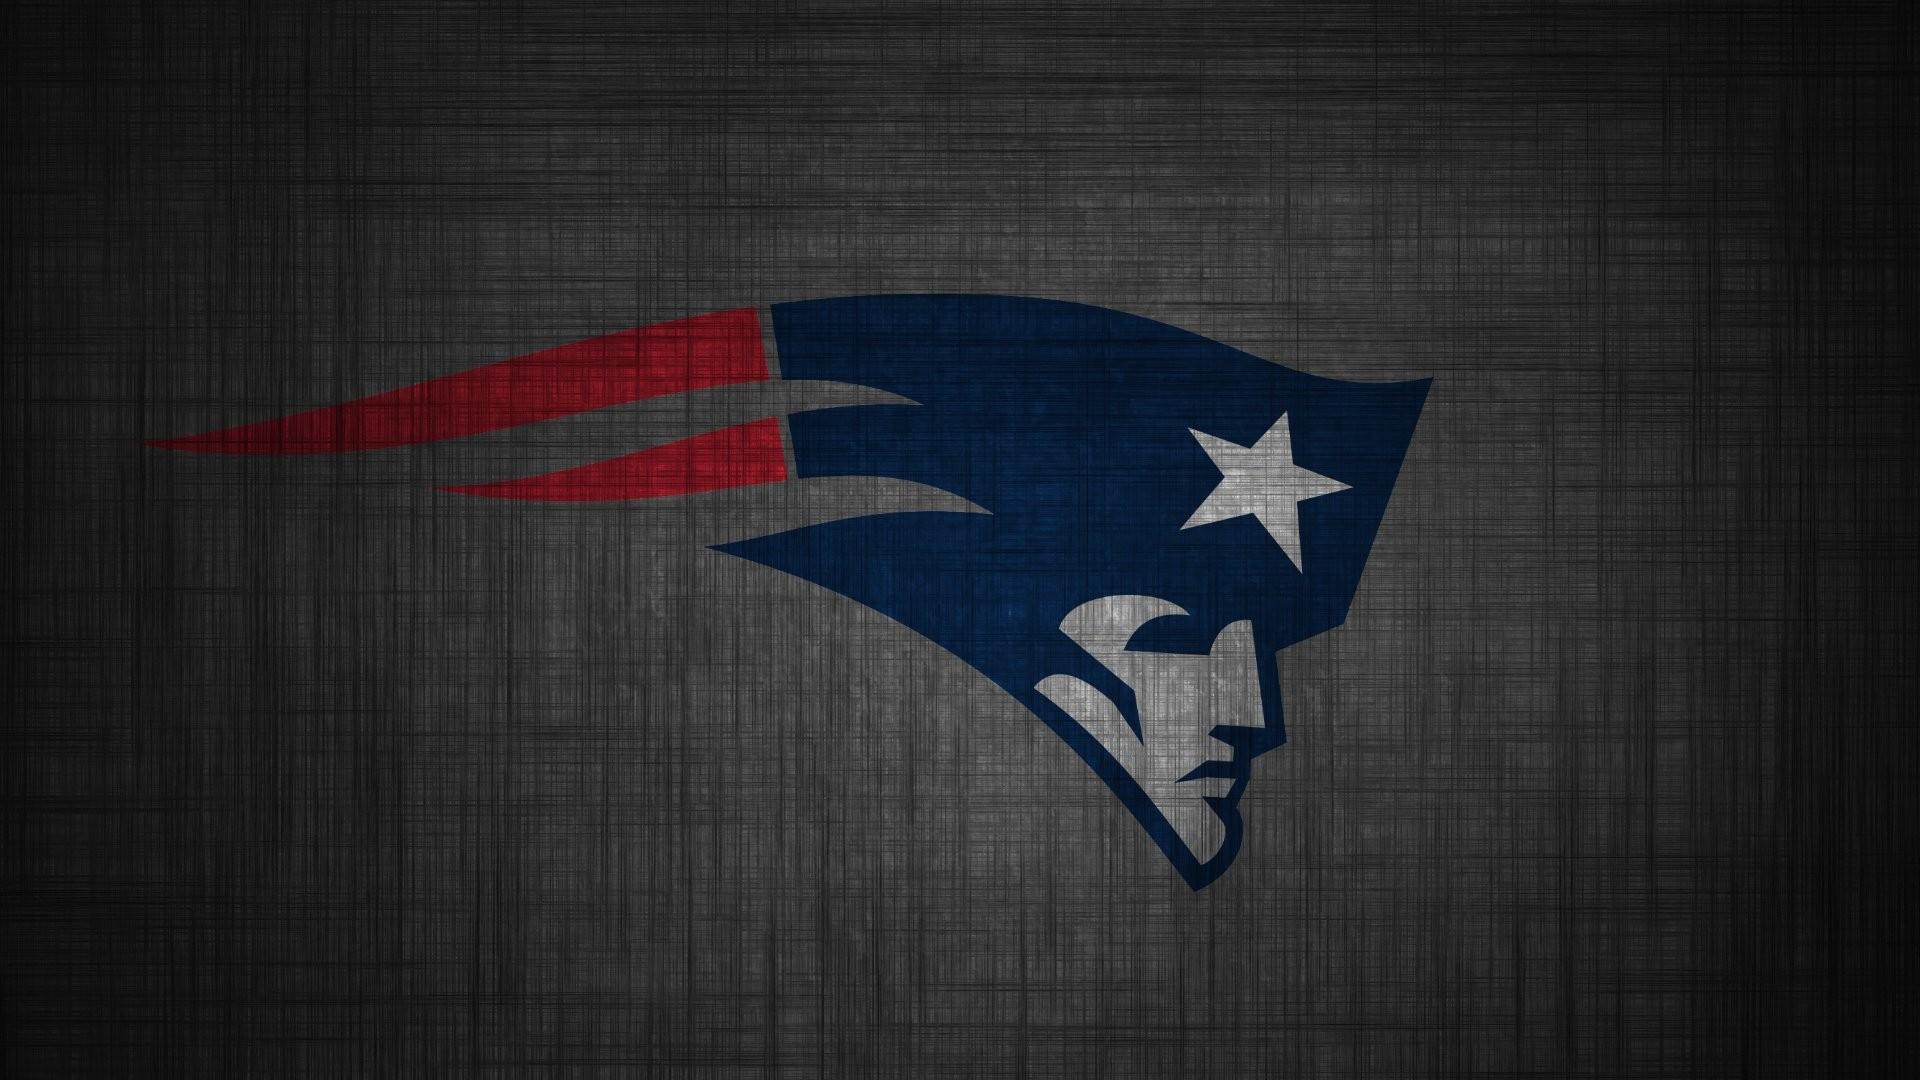 New England Patriots Wallpaper Borders Patriots Wallpaper Hd